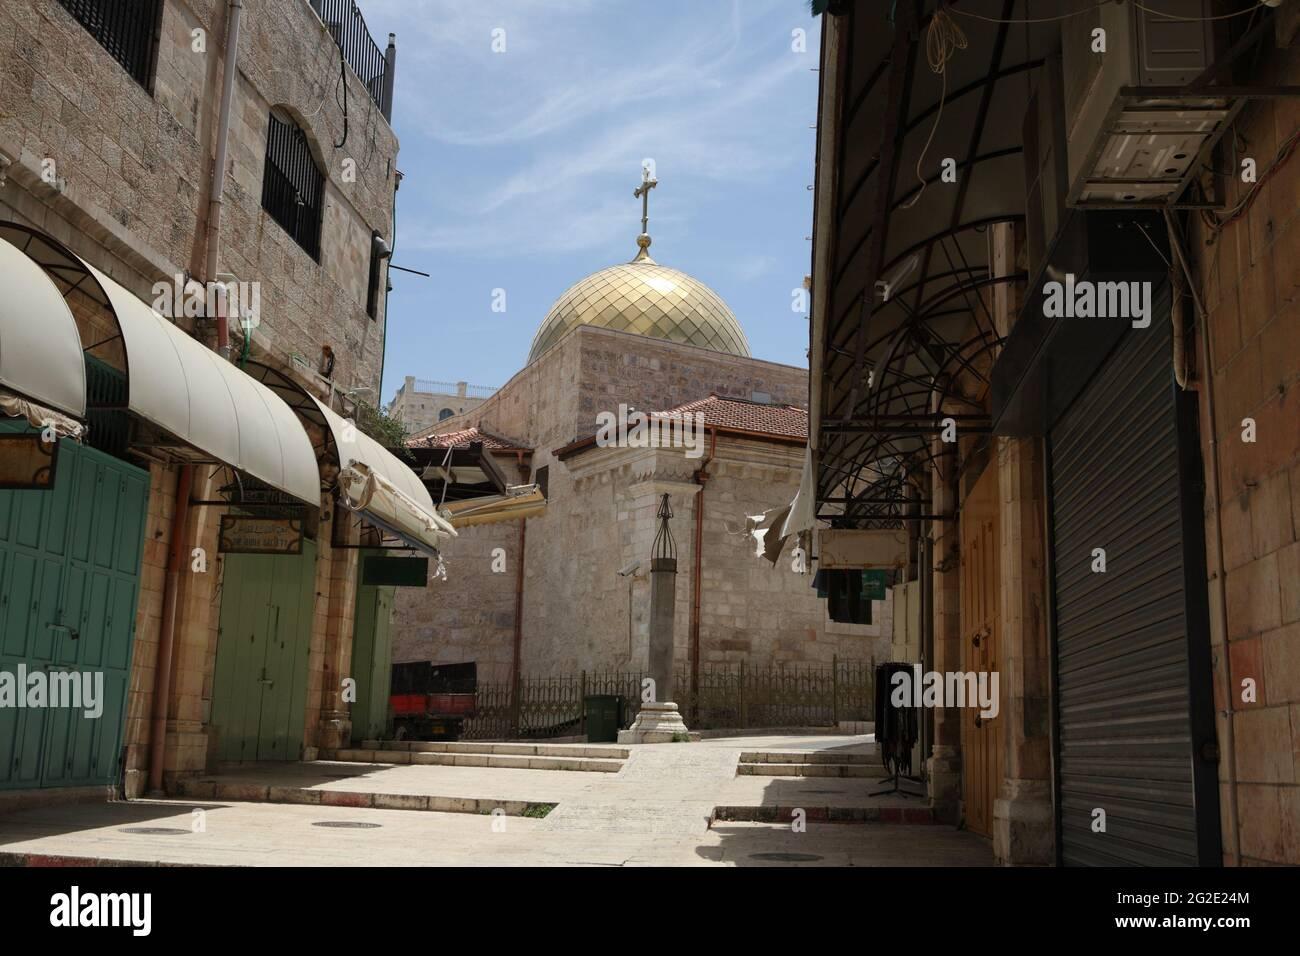 Griechisch-orthodoxe Kirche, Gebäude außen und Kuppel des Heiligen Johannes des Täufers in der leeren Muristan wegen Covid 19, der Altstadt christlichen Viertel Stockfoto